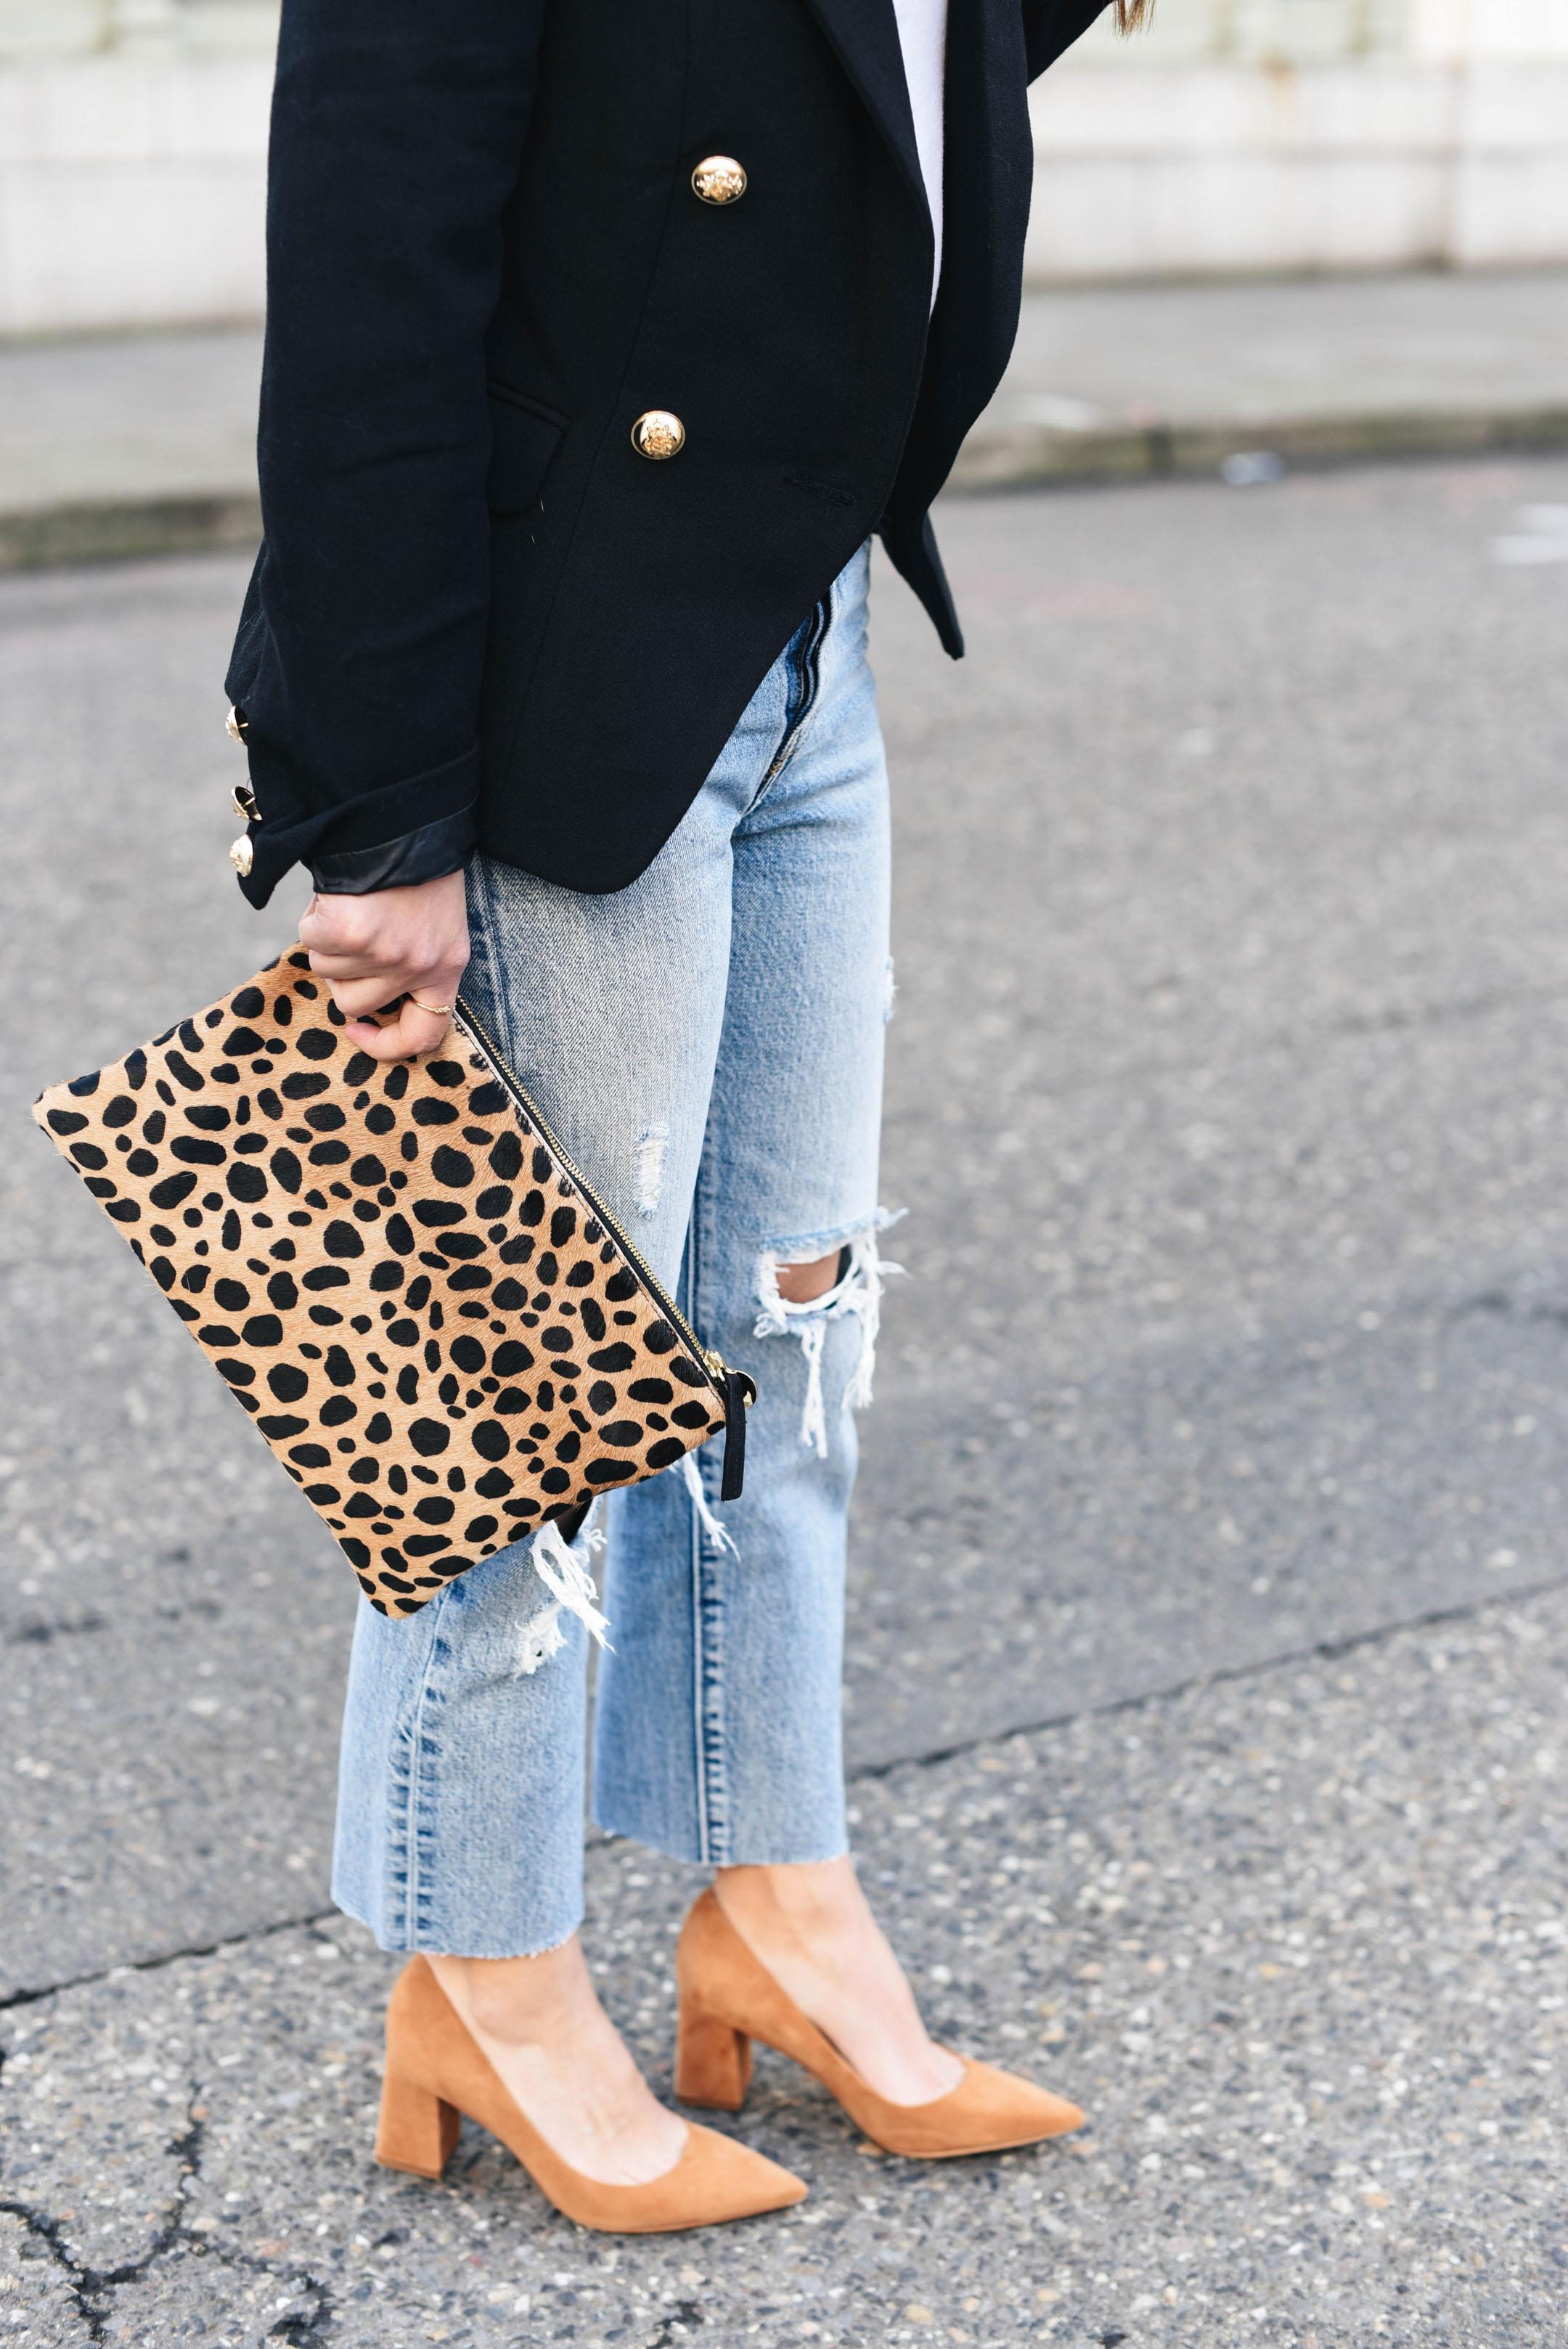 Clair Vivier leopard clutch